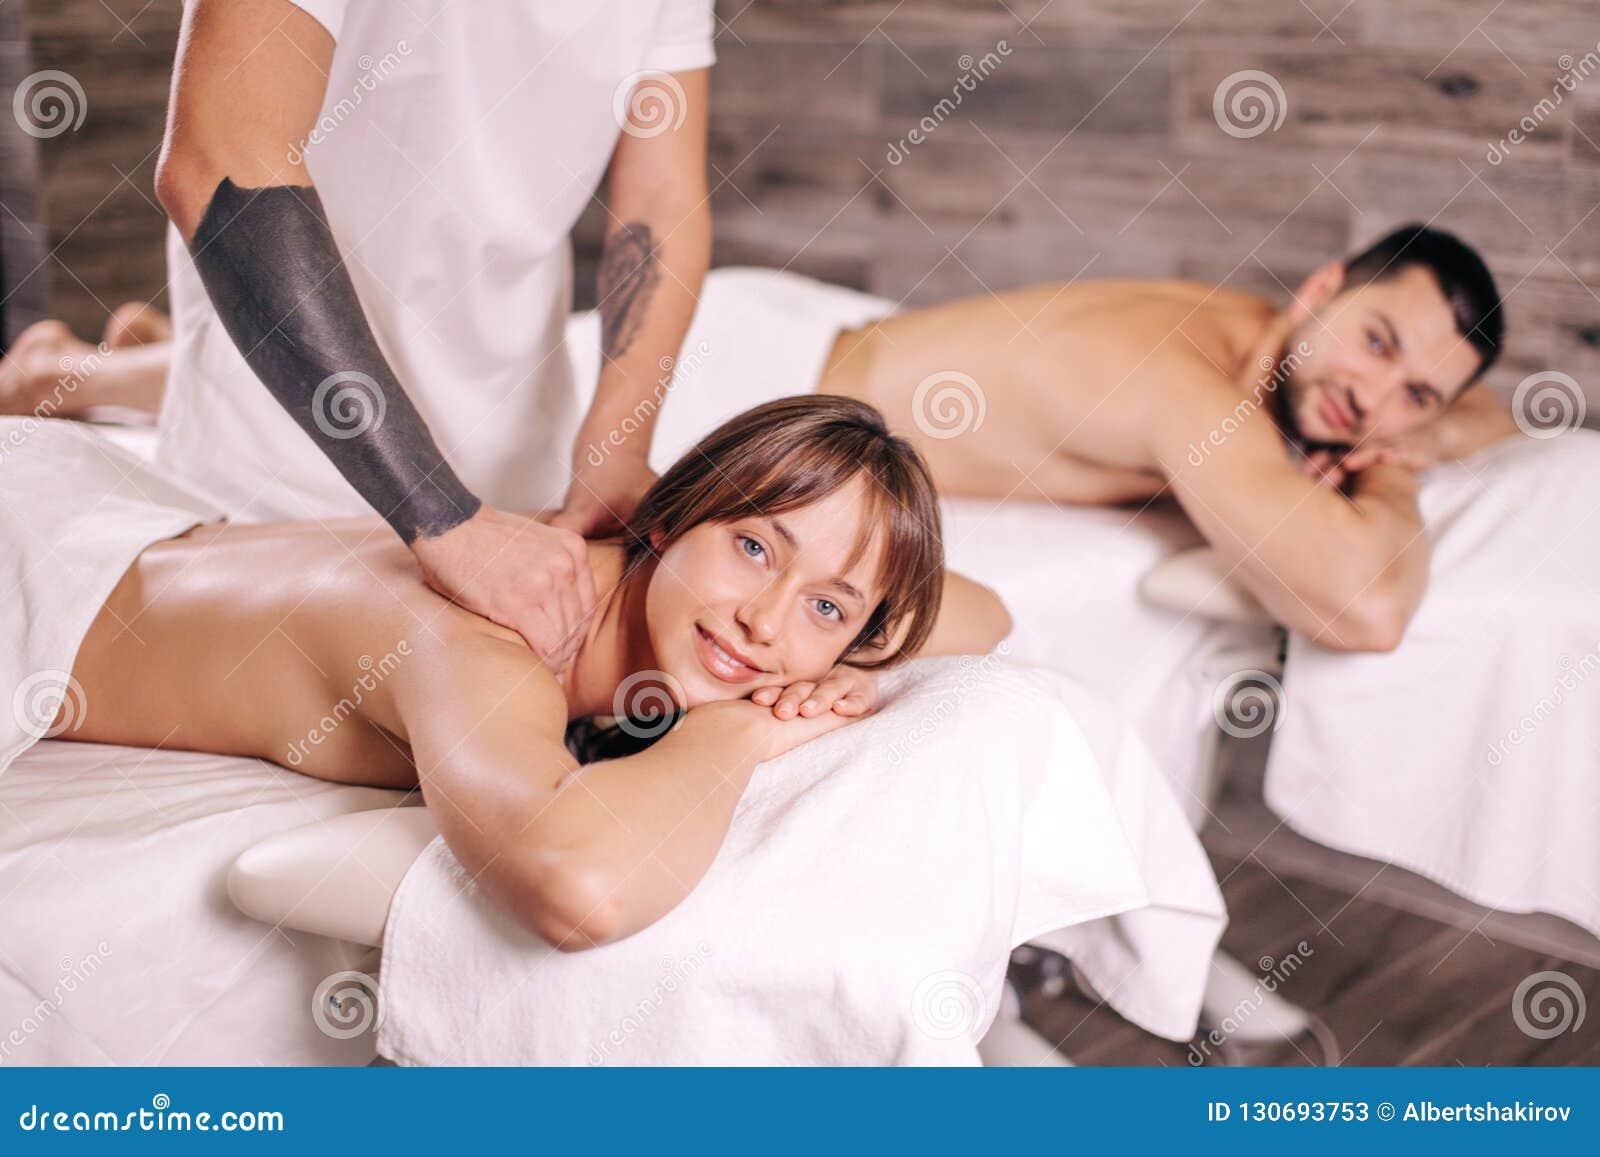 Masaje para una familia masaje de relajación para los pares de amor en el día de San Valentín